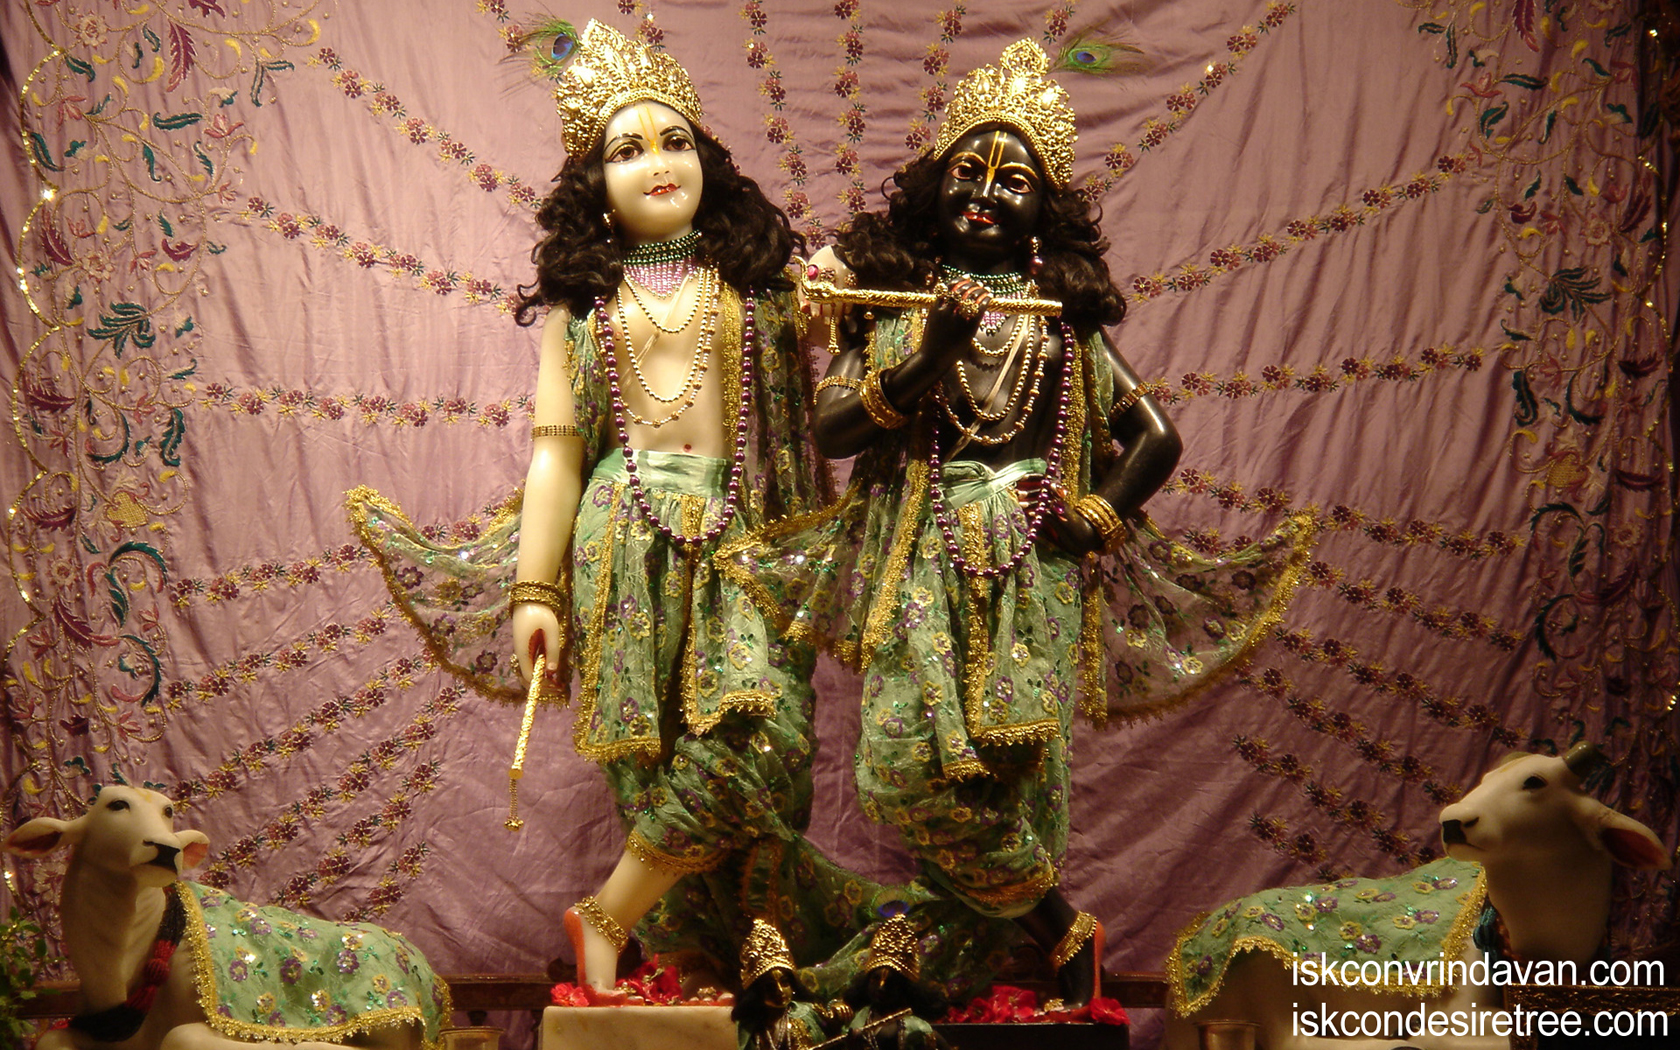 Sri Sri Krishna Balaram Wallpaper (096) Size 1680x1050 Download